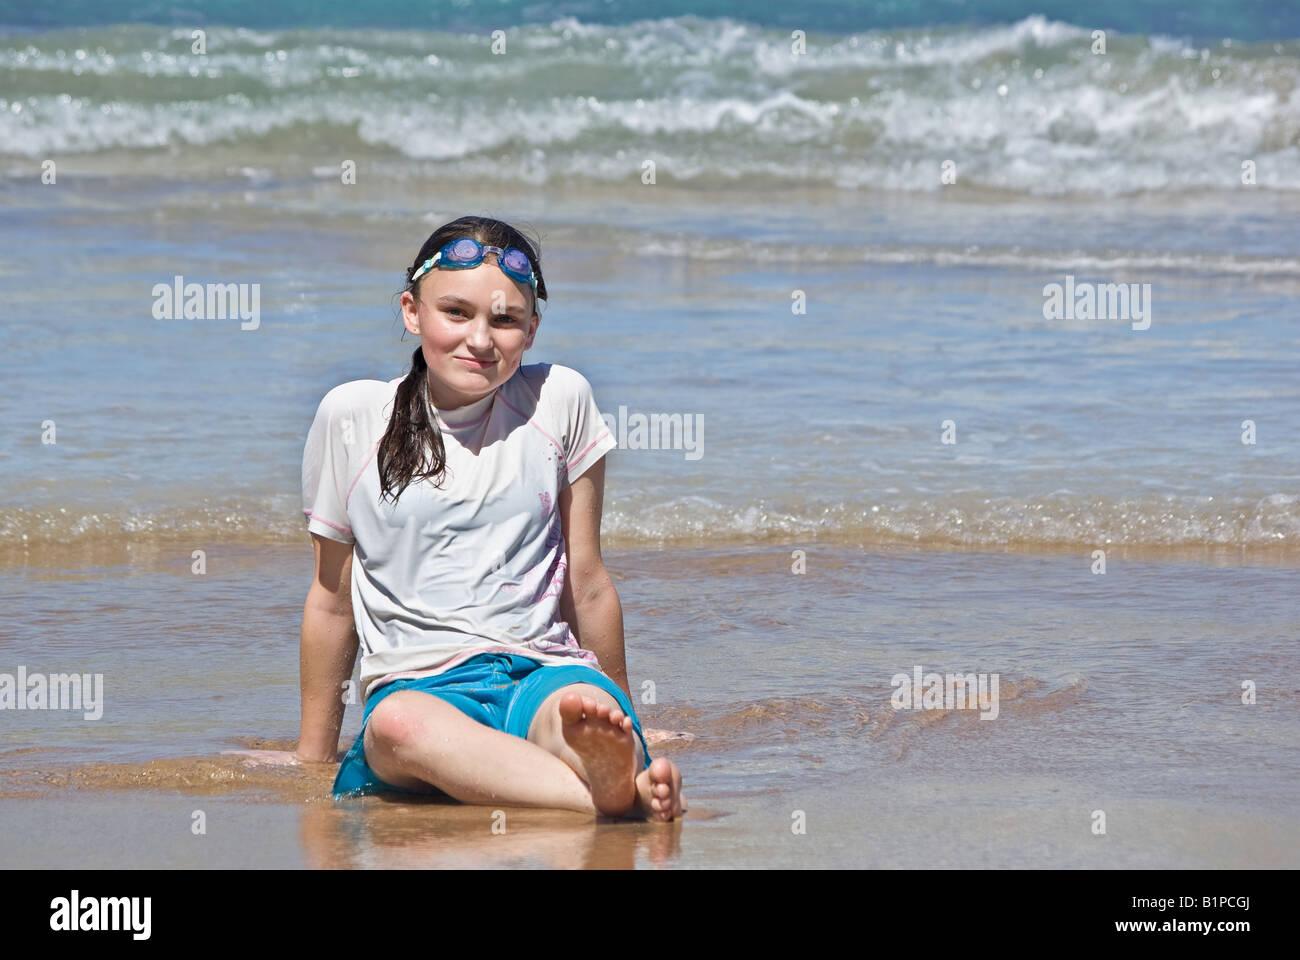 Une adolescente se trouve onn la plage Photo Stock